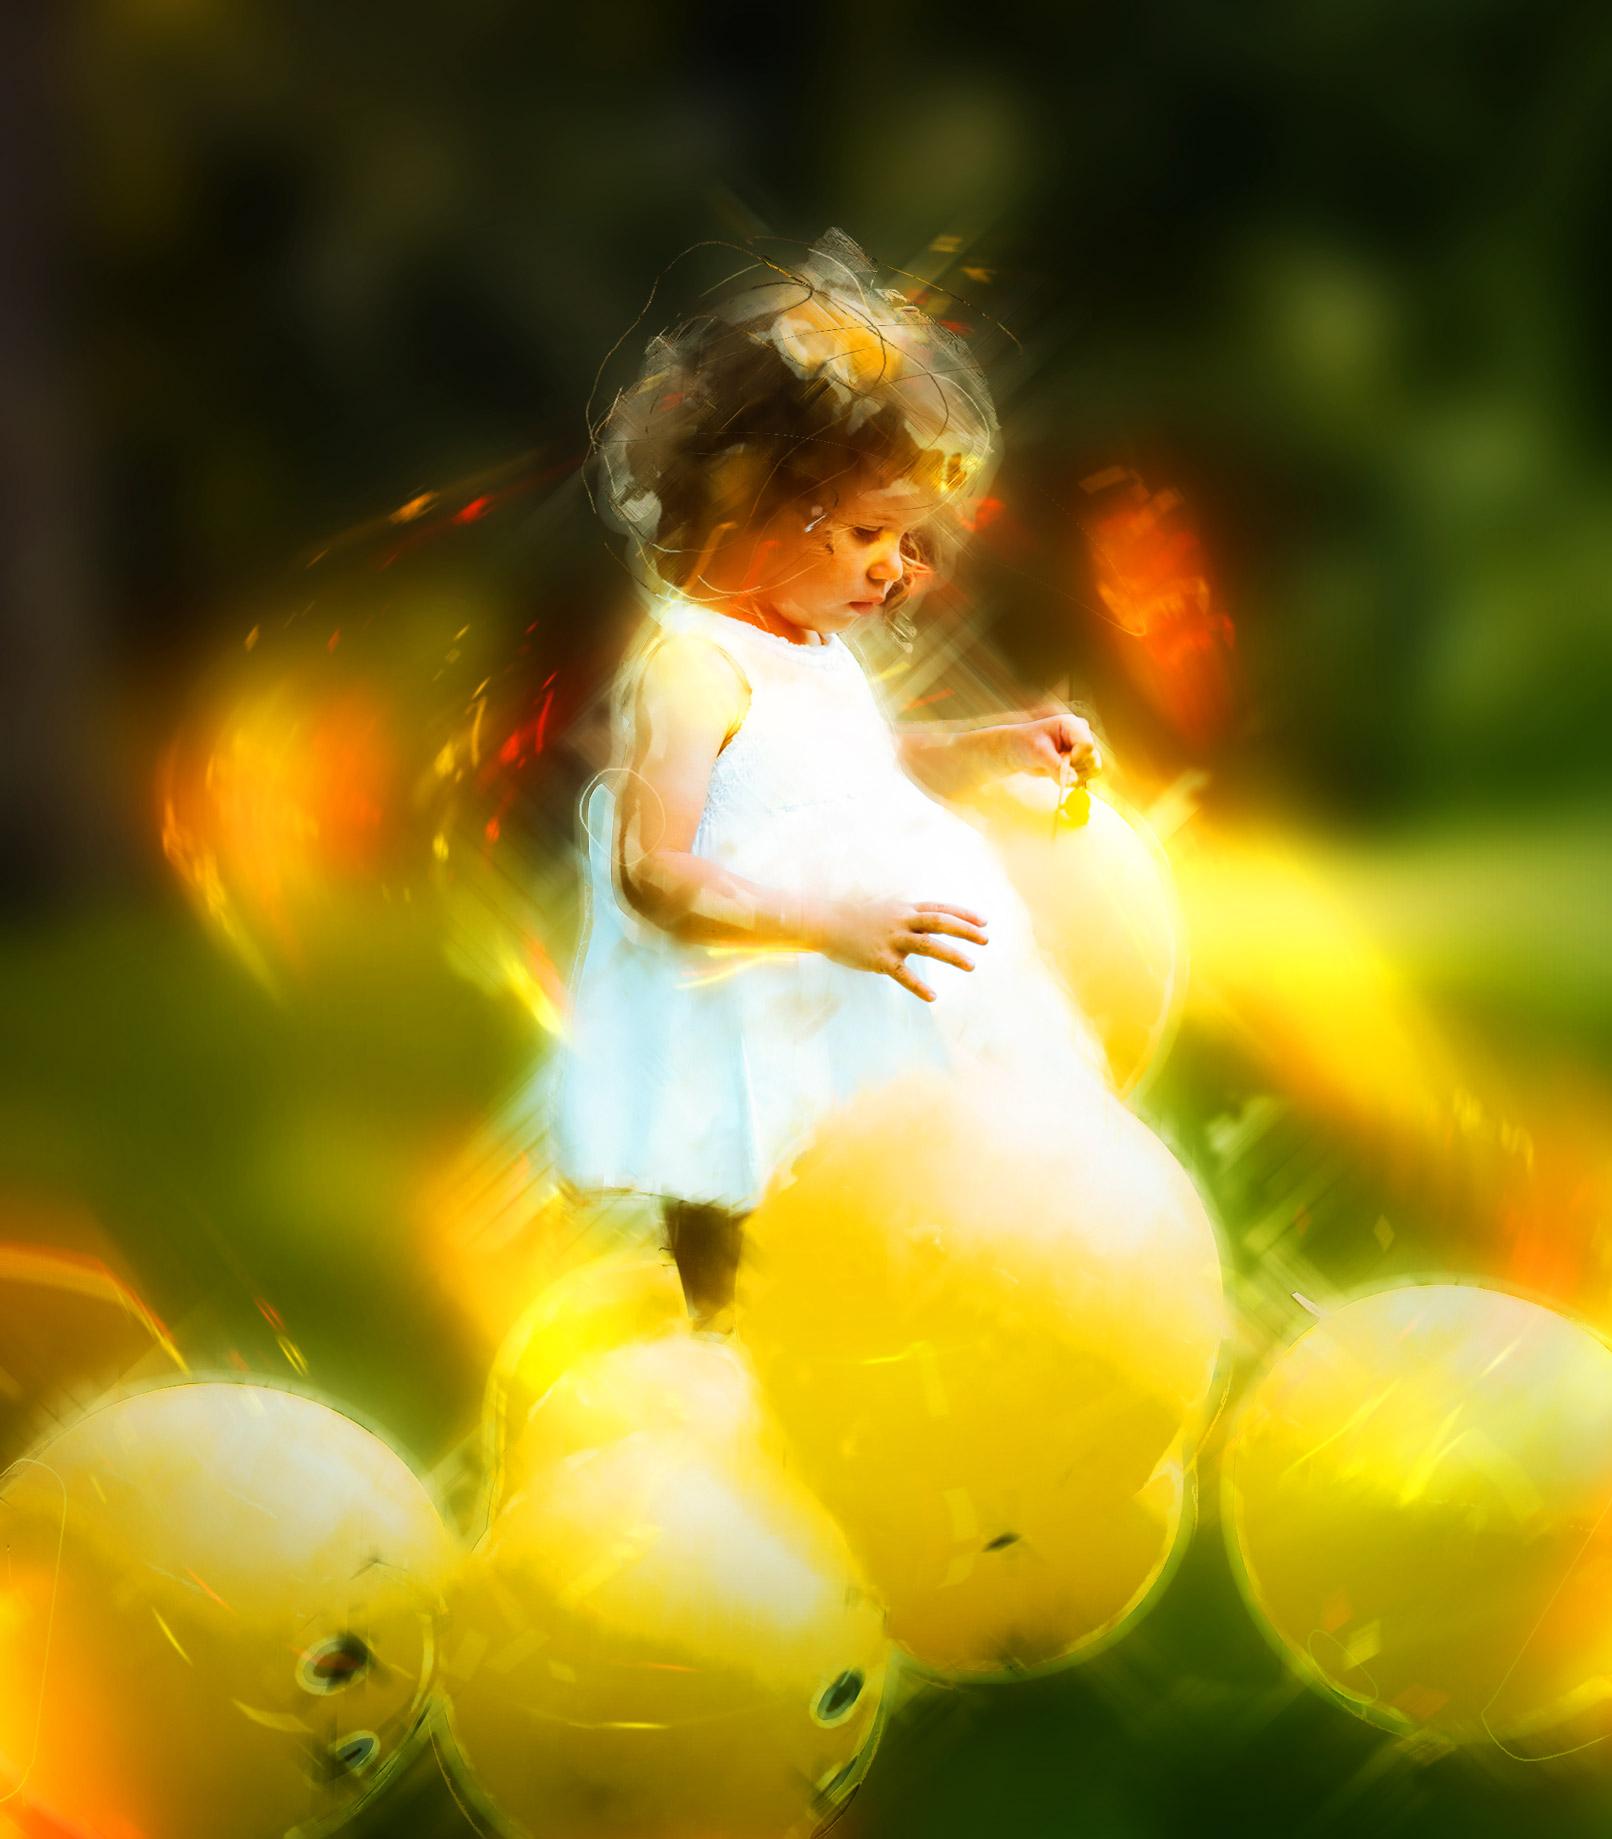 """Photoshop-Aktion """"Neonglühen"""": schimmernde Lichtreflexe für deine Fotos"""